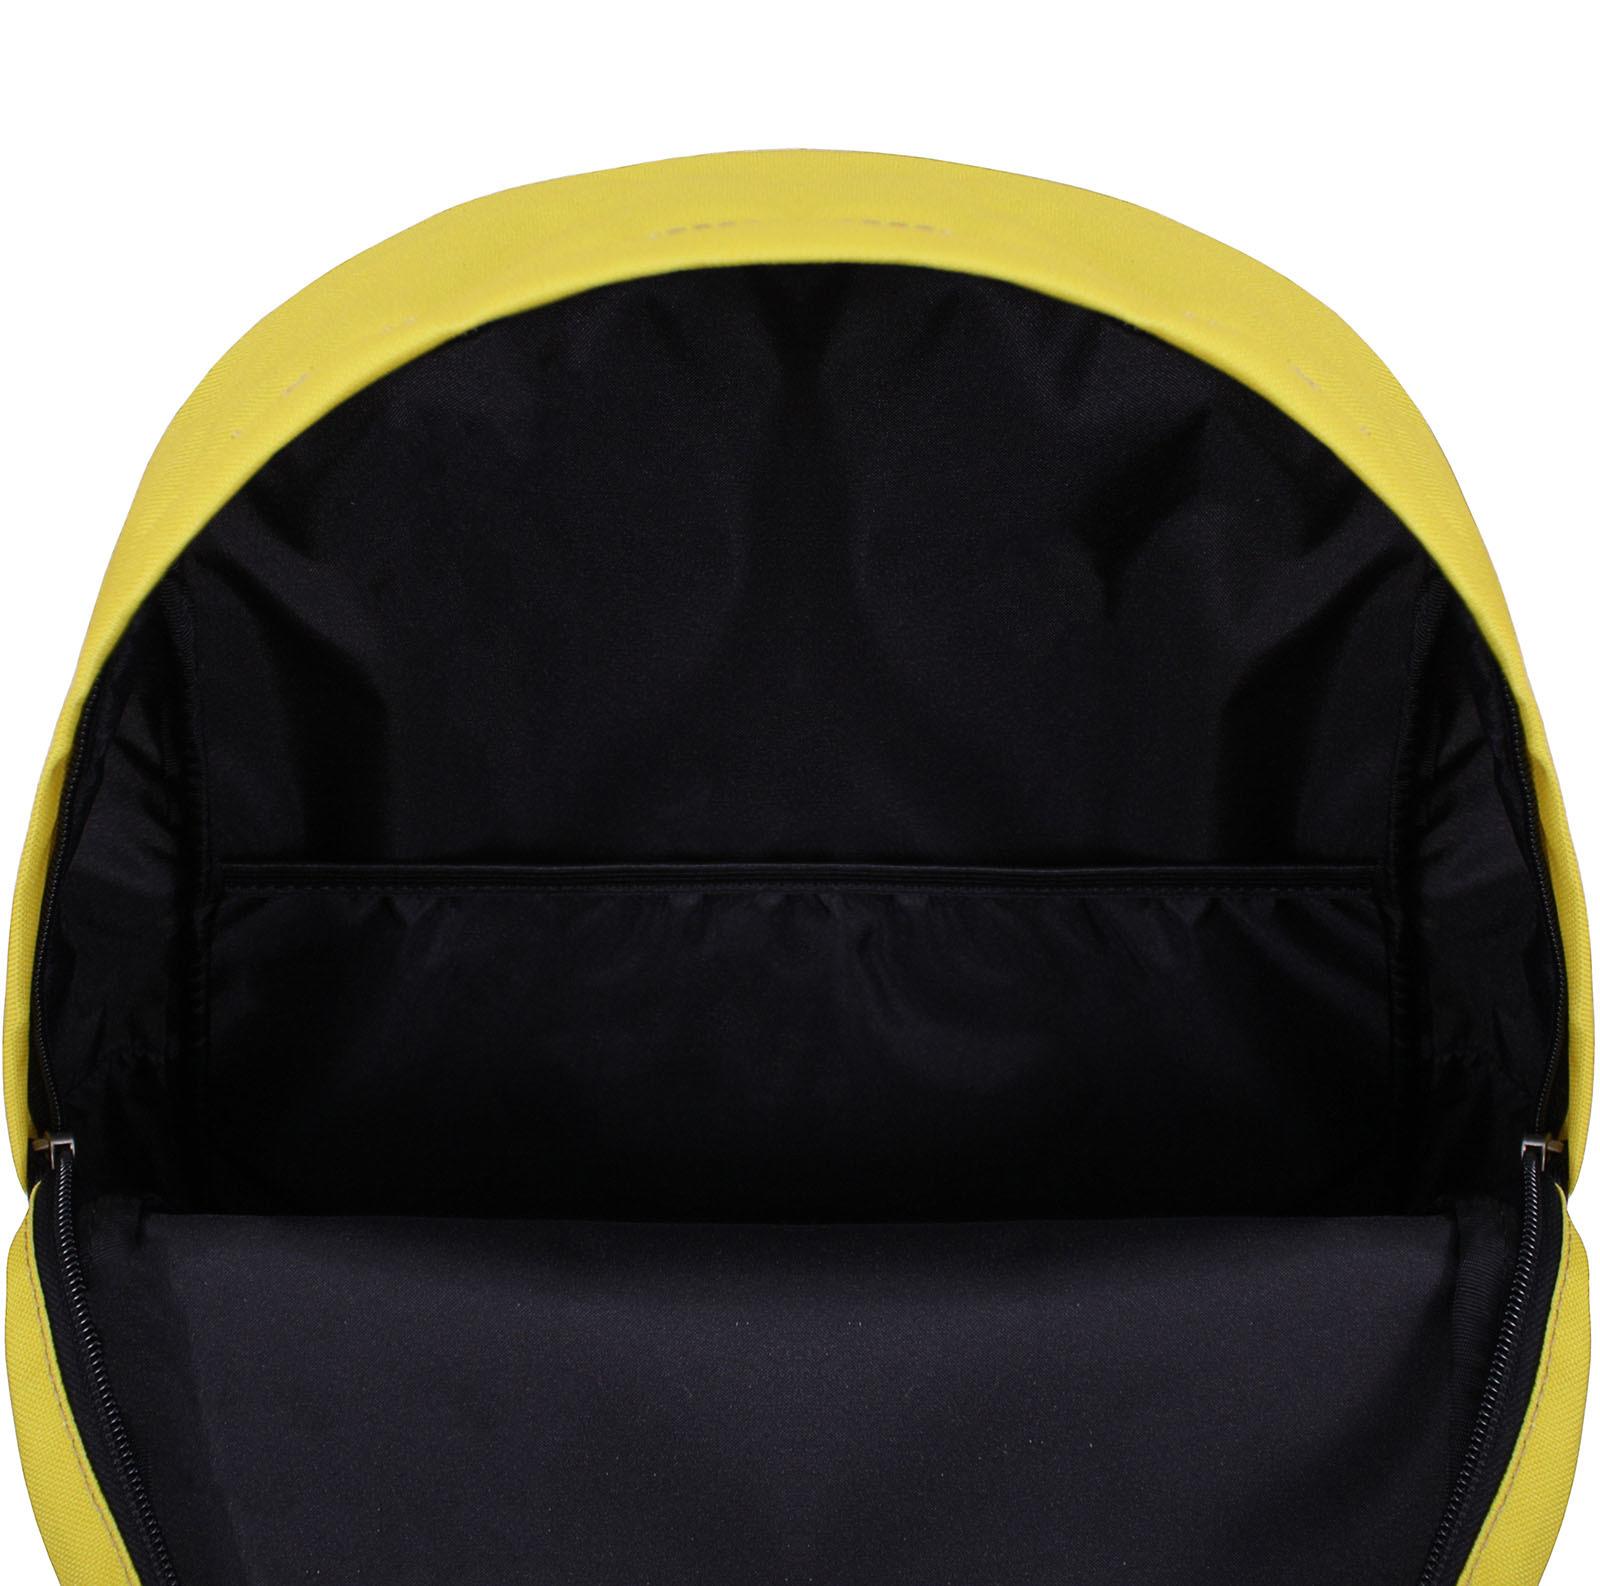 Рюкзак Bagland Молодежный W/R 17 л. Лимонный (00533664 Ш) фото 8